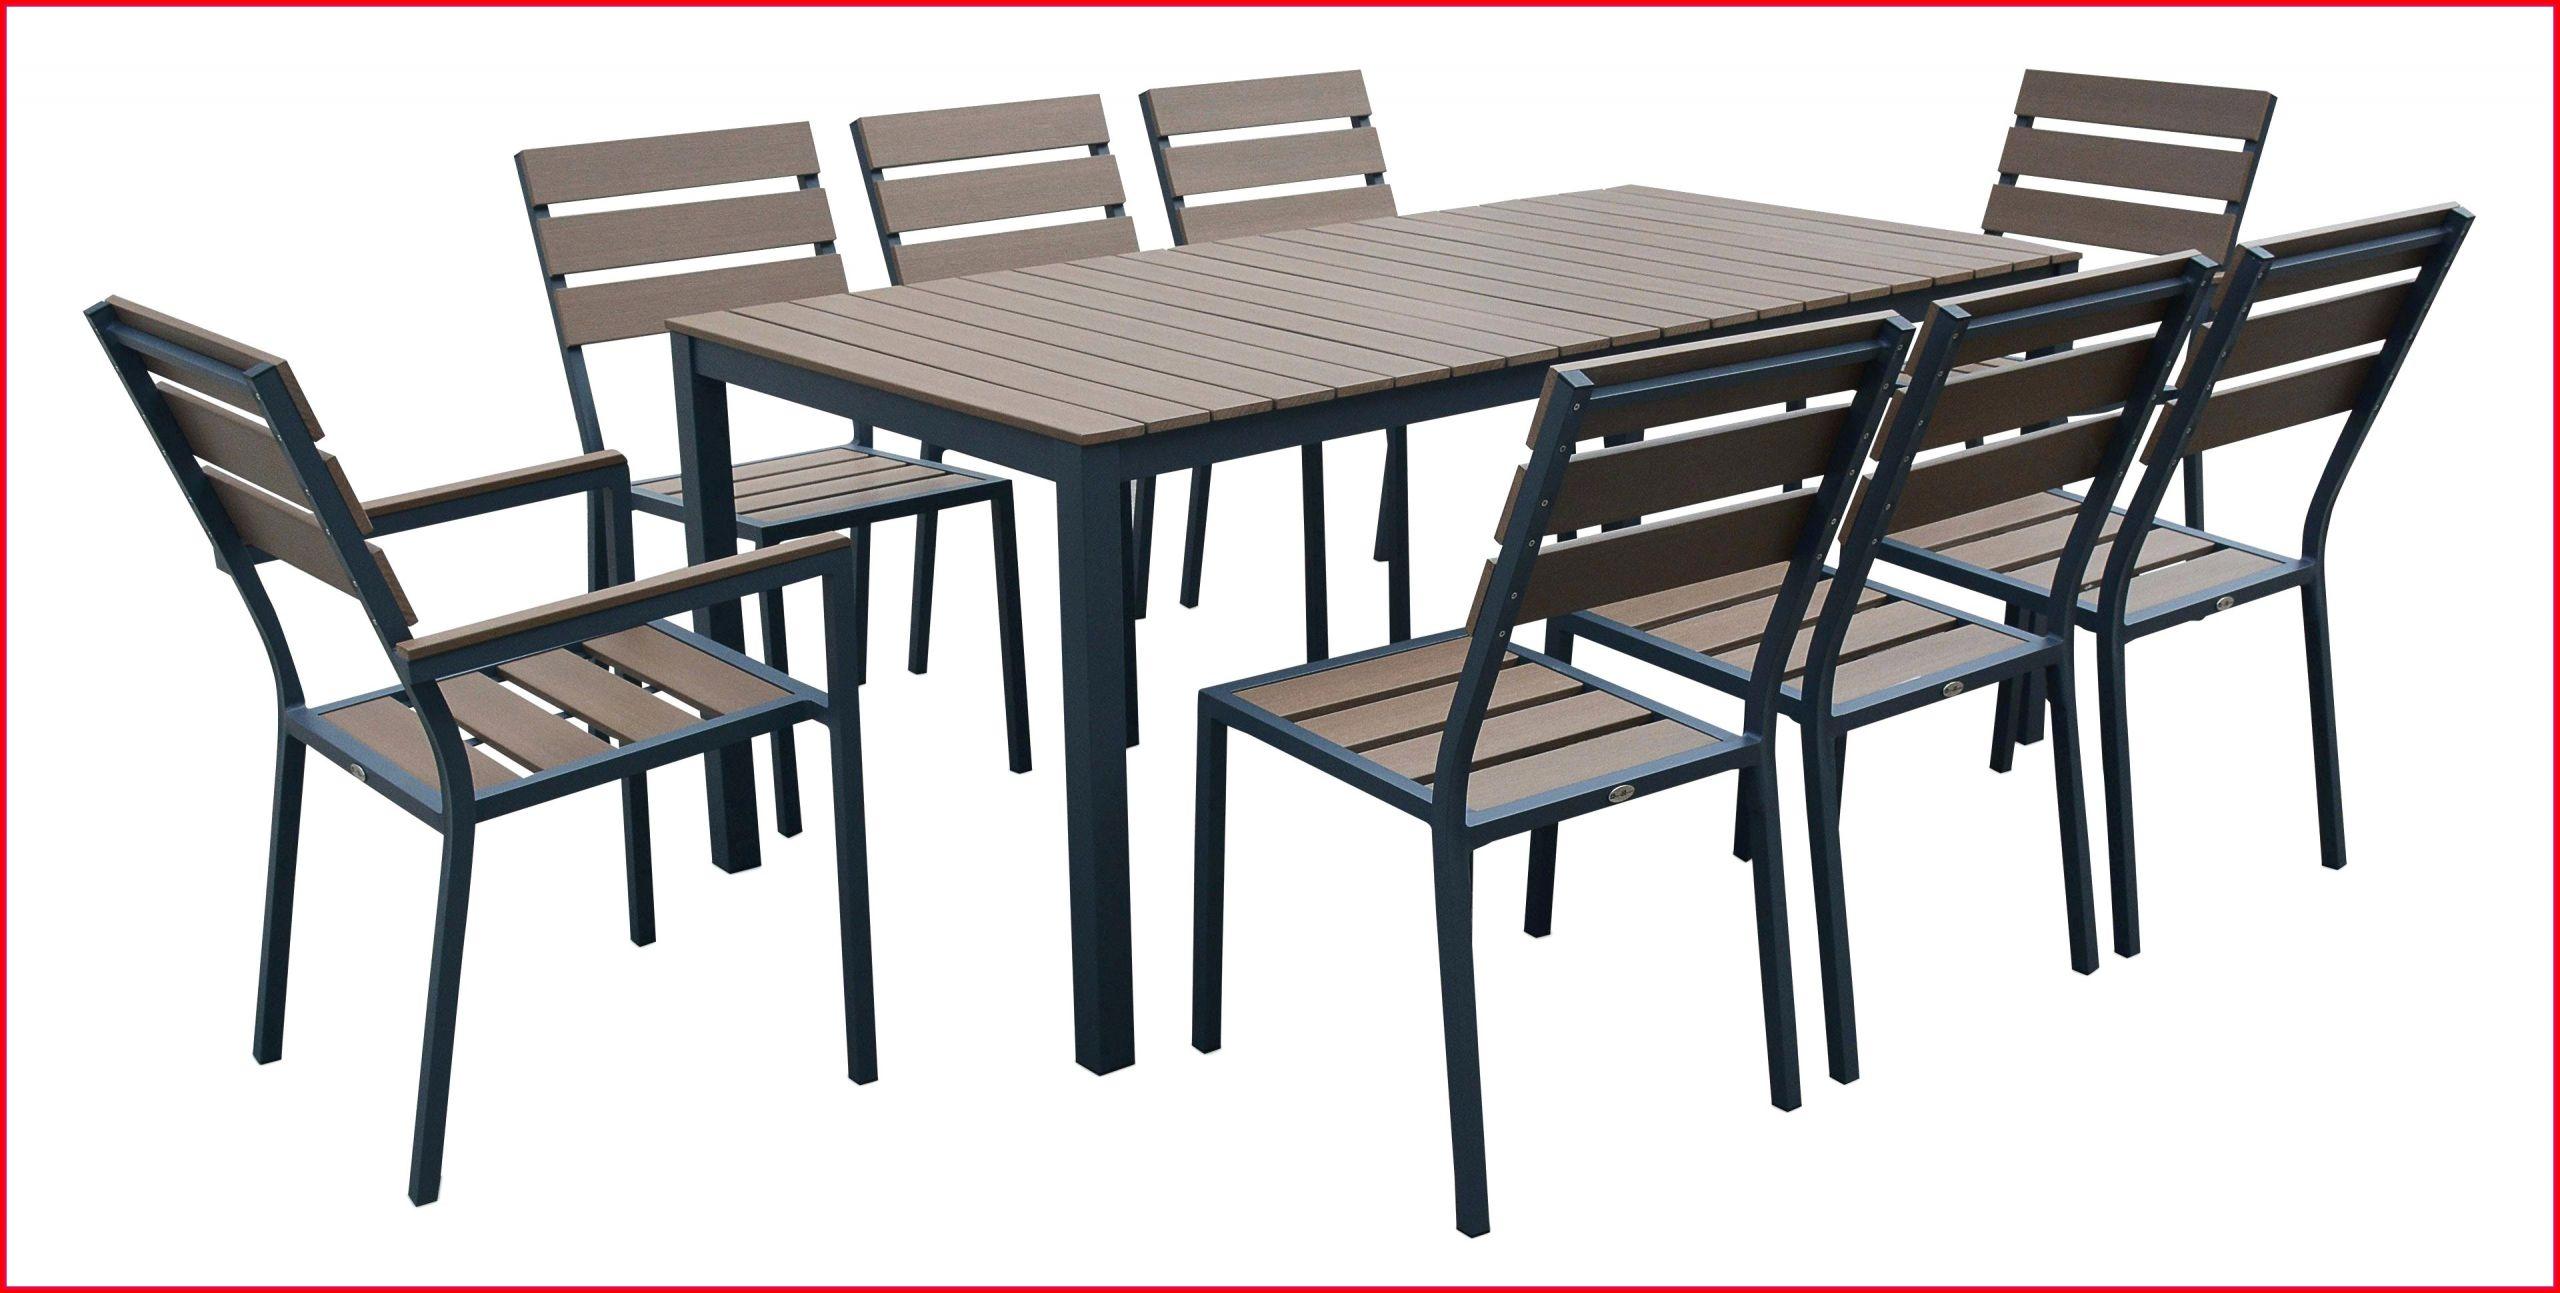 table de jardin conforama conforama table de jardin chaise salon de salle a manger gris of table de jardin conforama